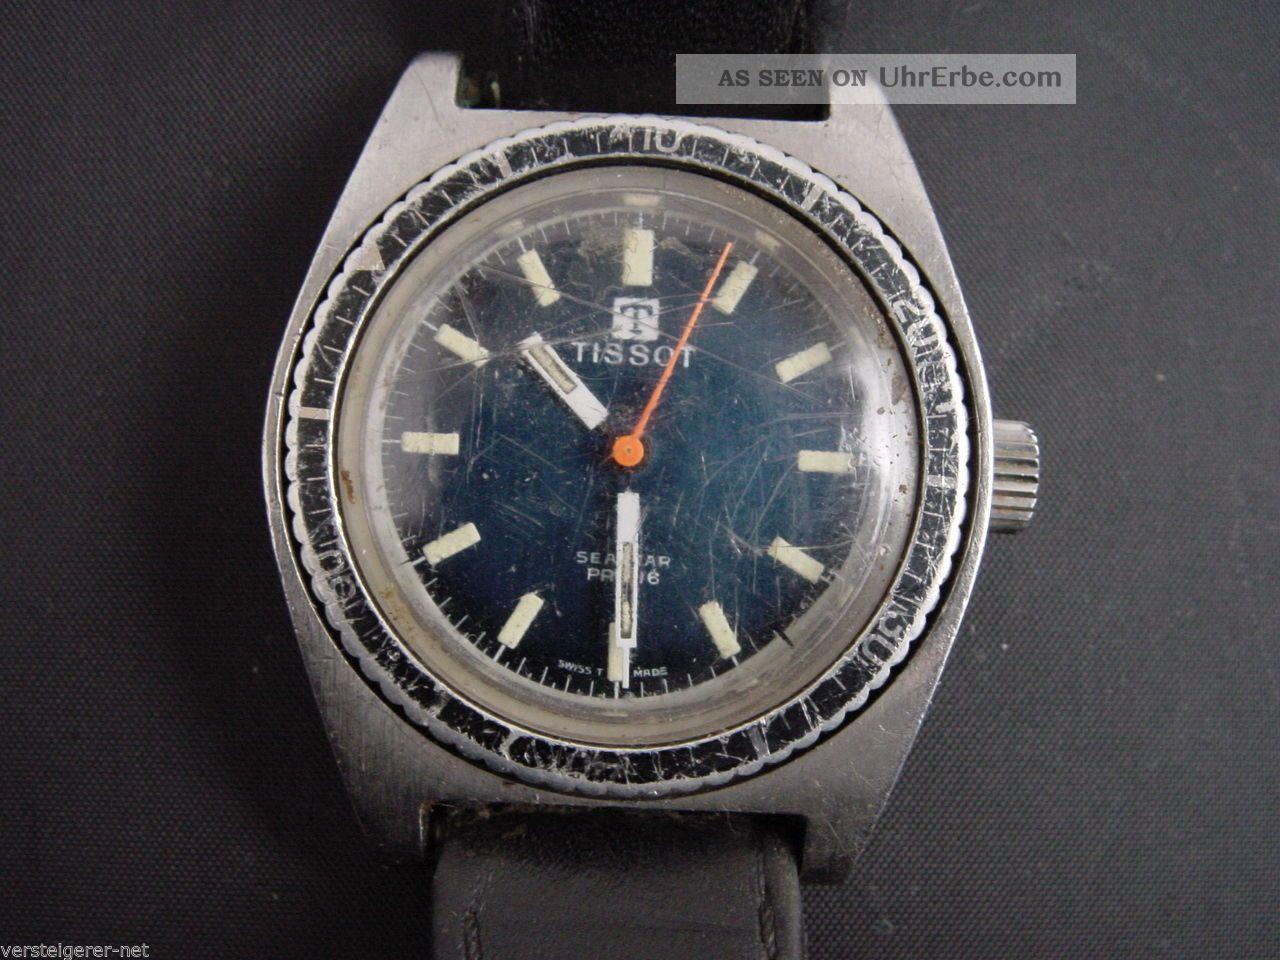 Tissot Armbanduhr Seastar Pr 516 Swiss Made,  Läuft Gut,  Jedoch Schlechte Optik. Armbanduhren Bild